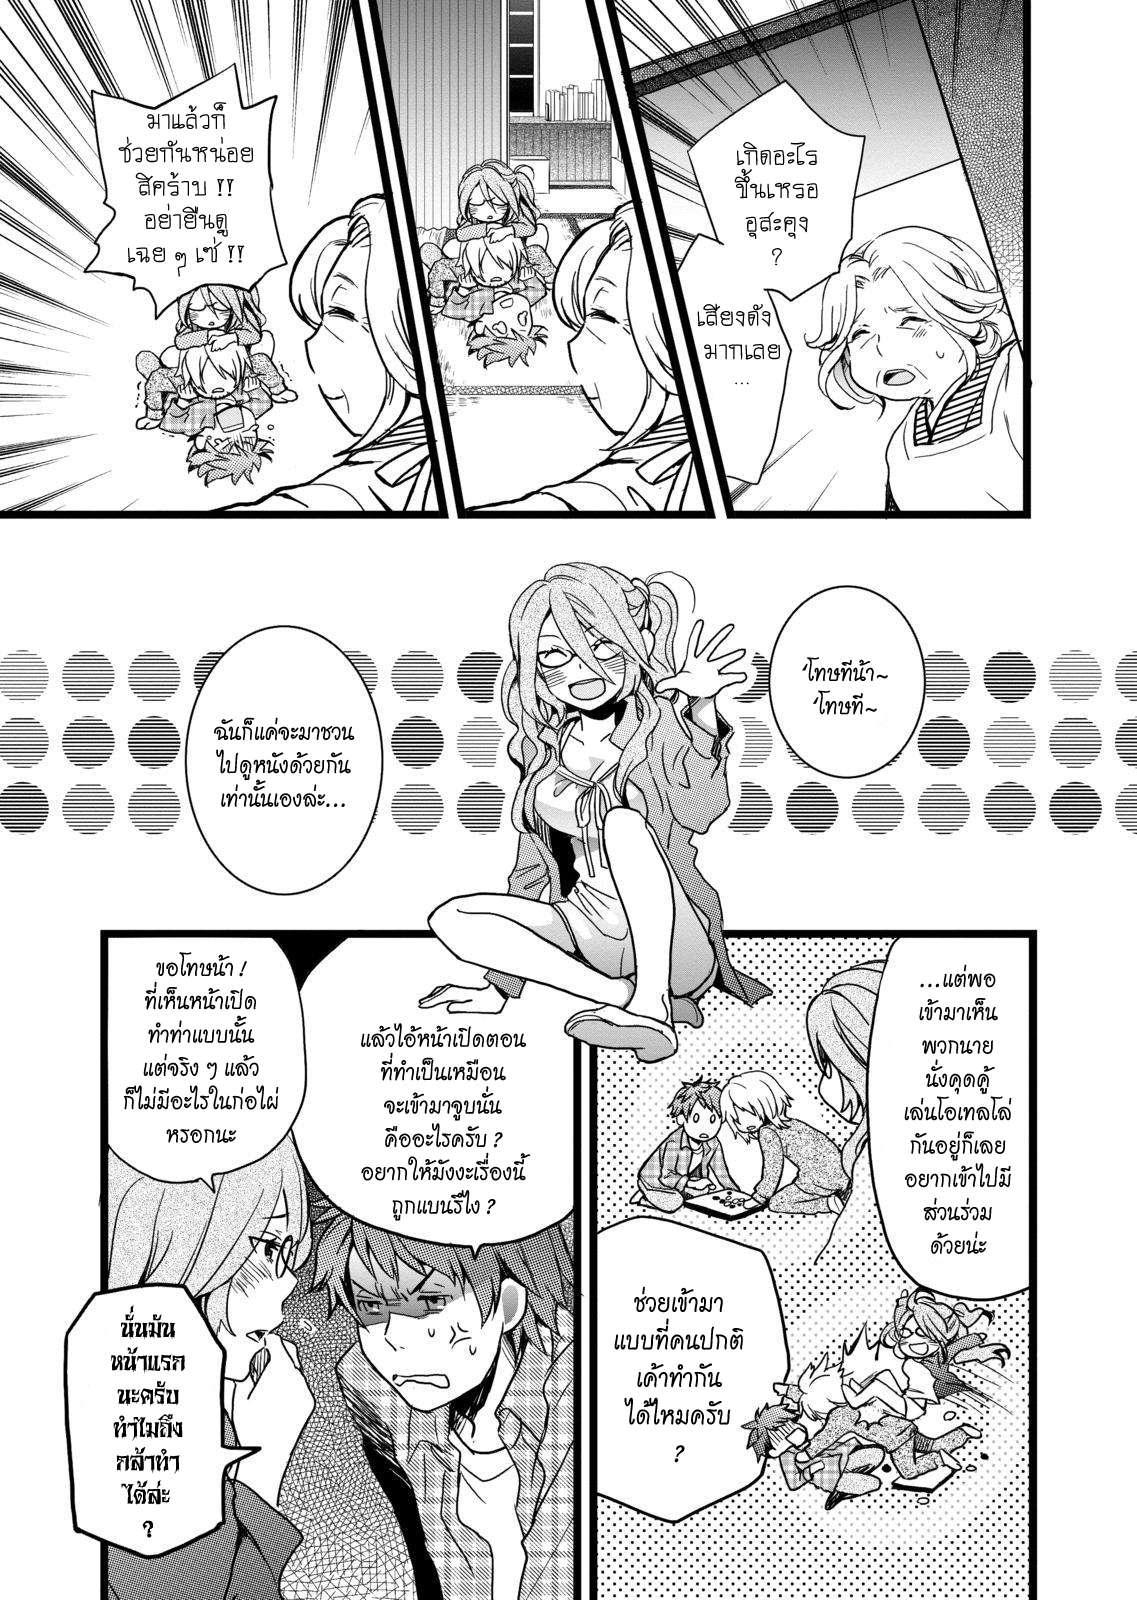 อ่านการ์ตูน Bokura wa Minna Kawaisou ตอนที่ 6 หน้าที่ 3